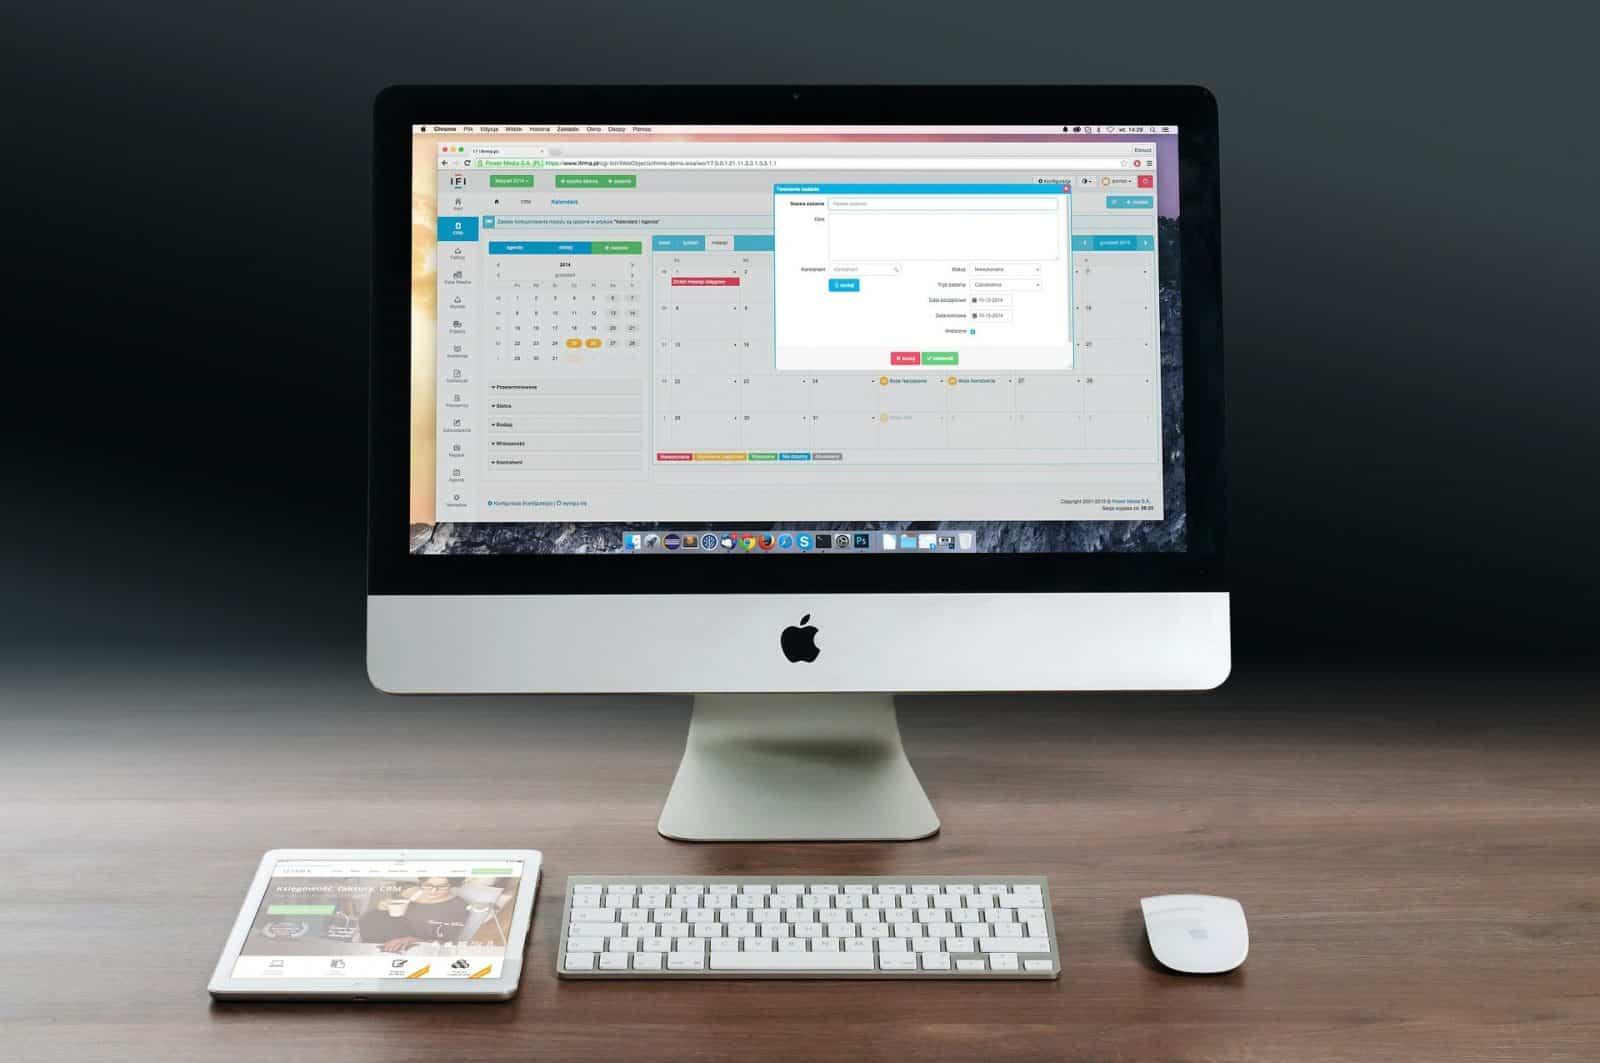 Formateur, un métier en pleine évolution avec la formation numérique